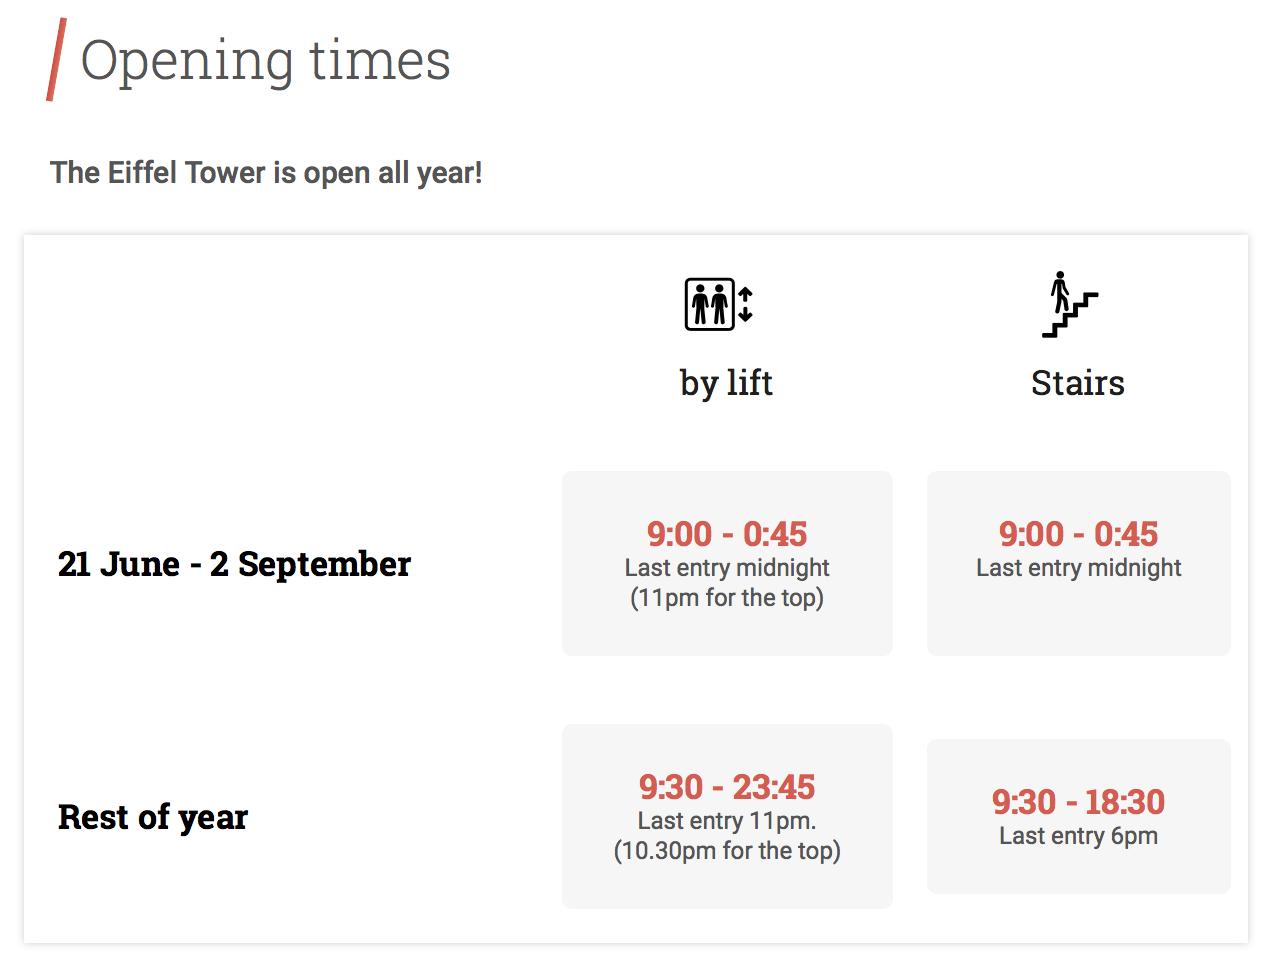 Время работы Эйфелевой башни